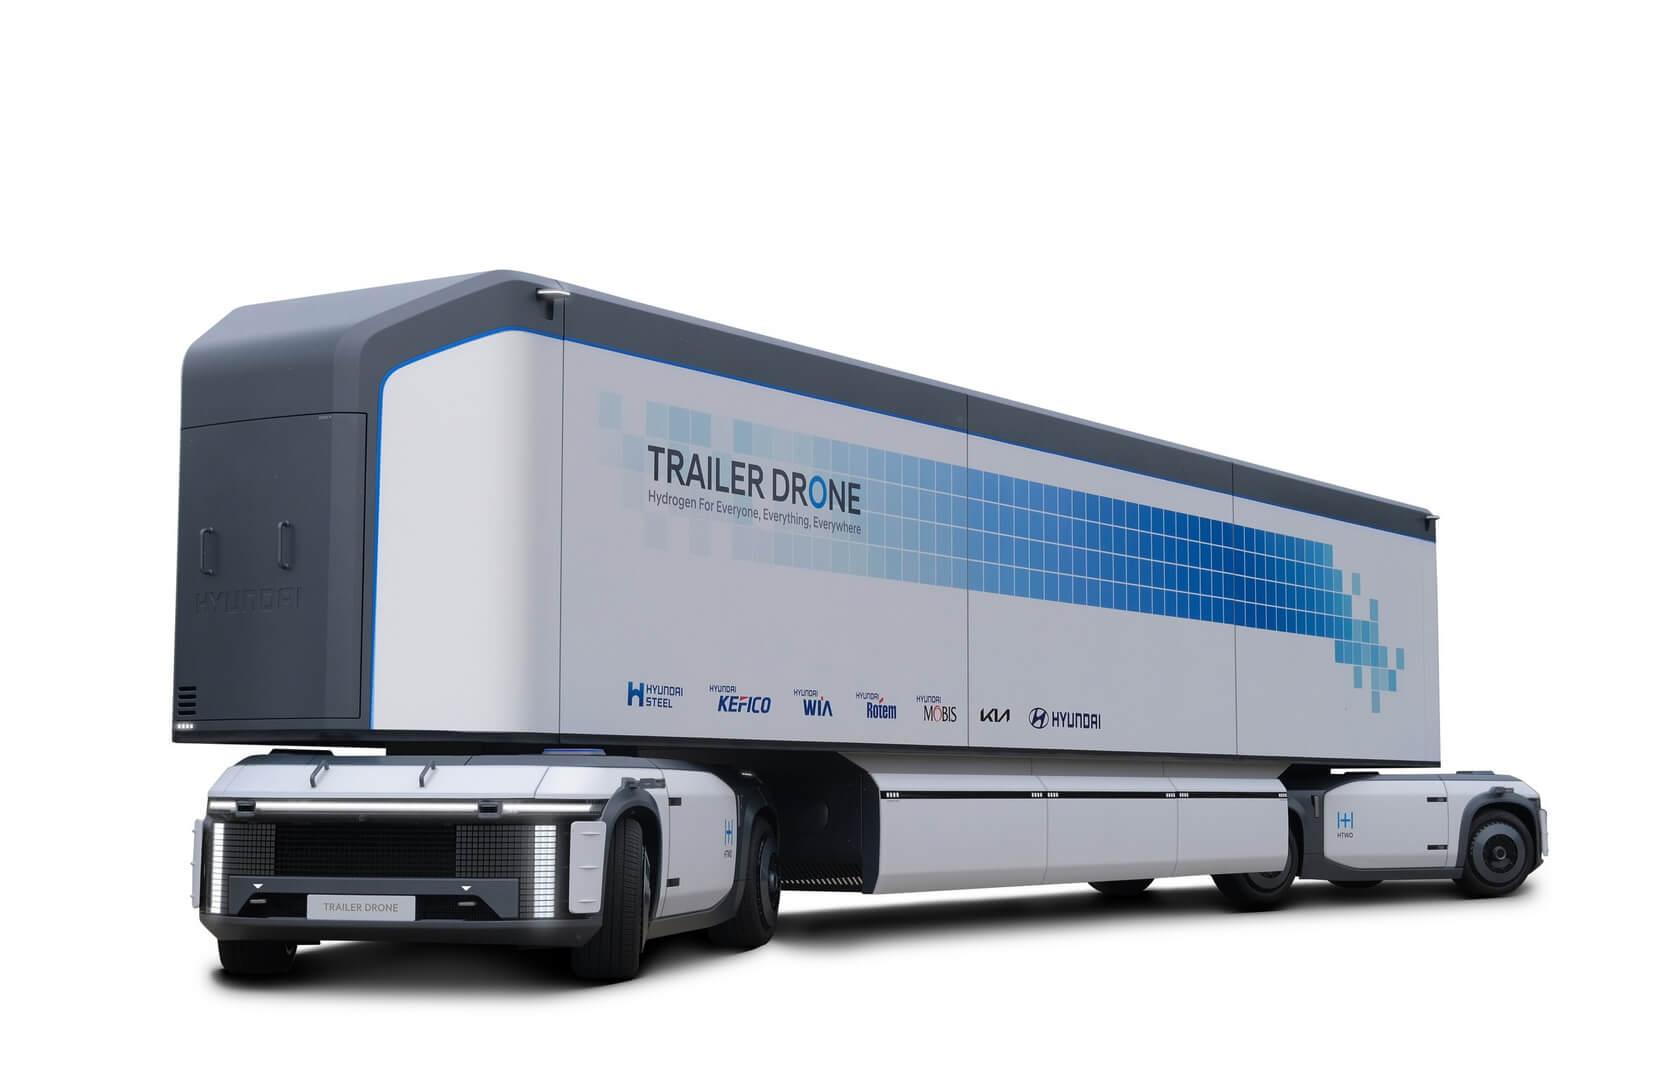 Концепция Trailer Drone — водородная контейнерная транспортная система, способная работать полностью автономно